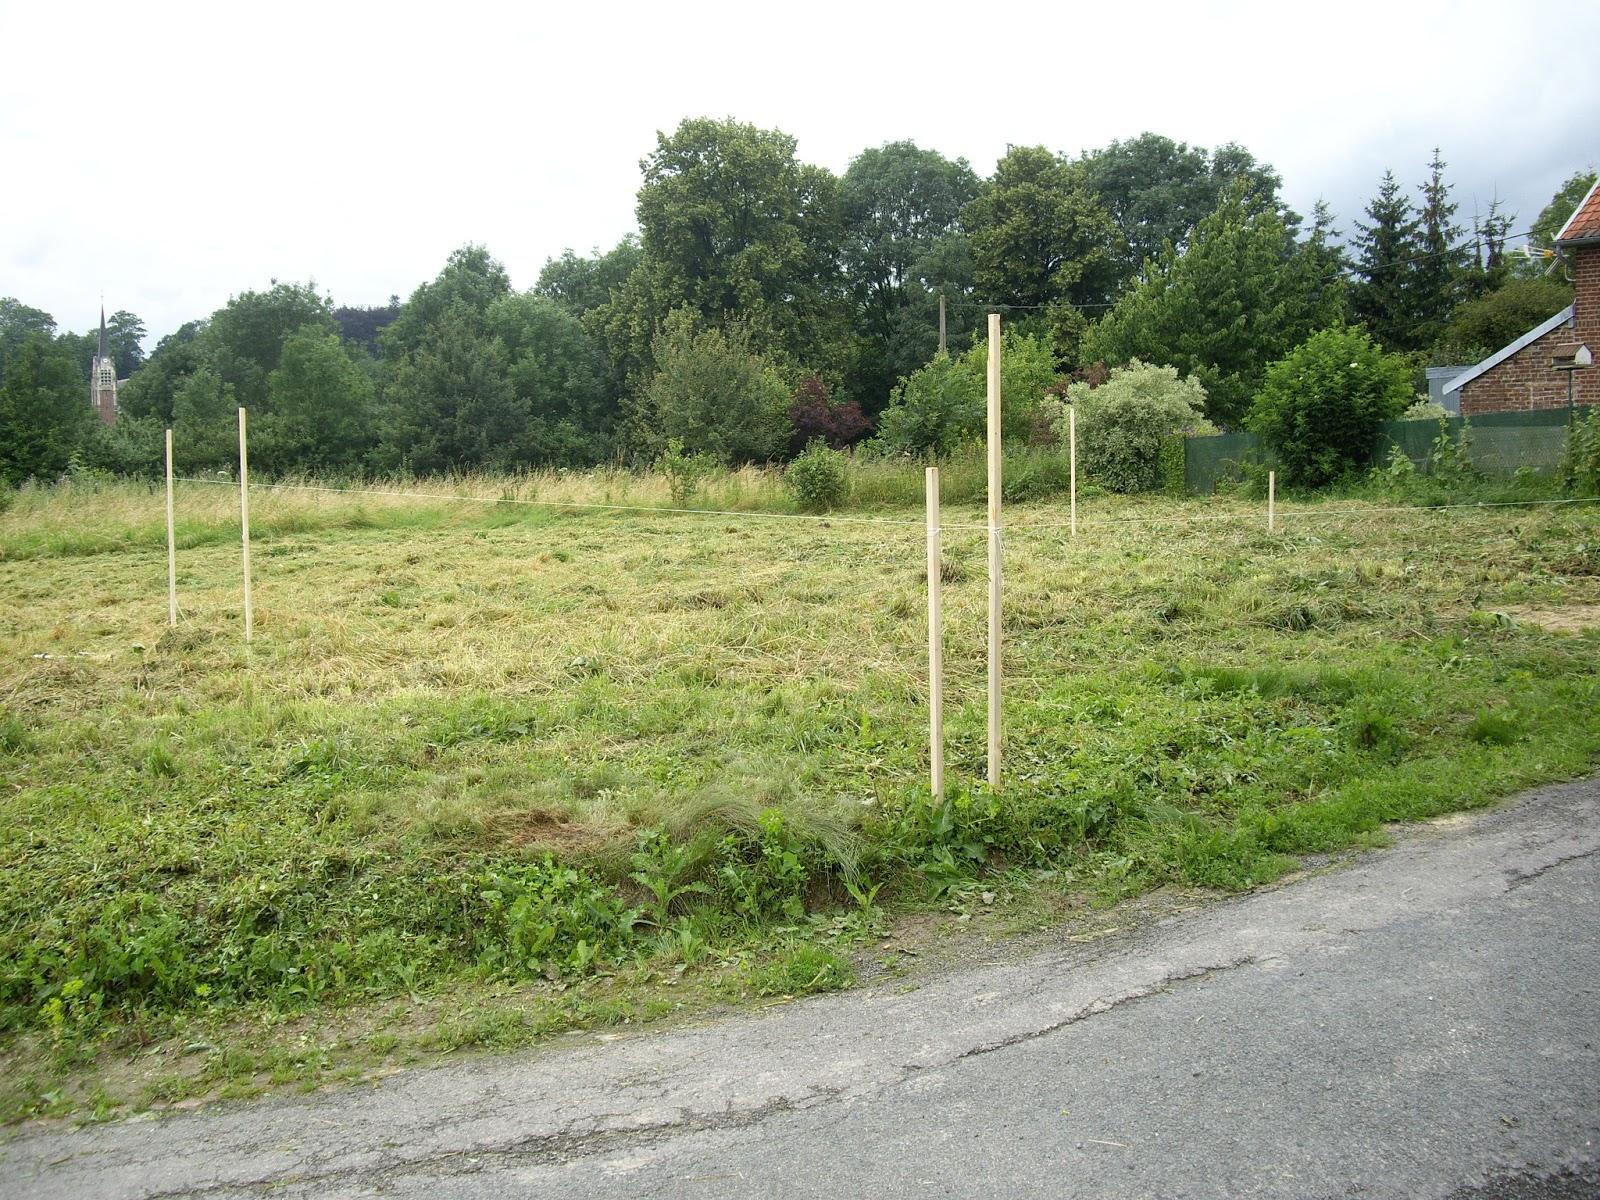 nous nous aidons de tasseaux en bois de 38x38mm enfoncs de niveau dans la terre on peut voir sur les photos quil y a une grosse pente - Implantation Maison Sur Terrain En Pente